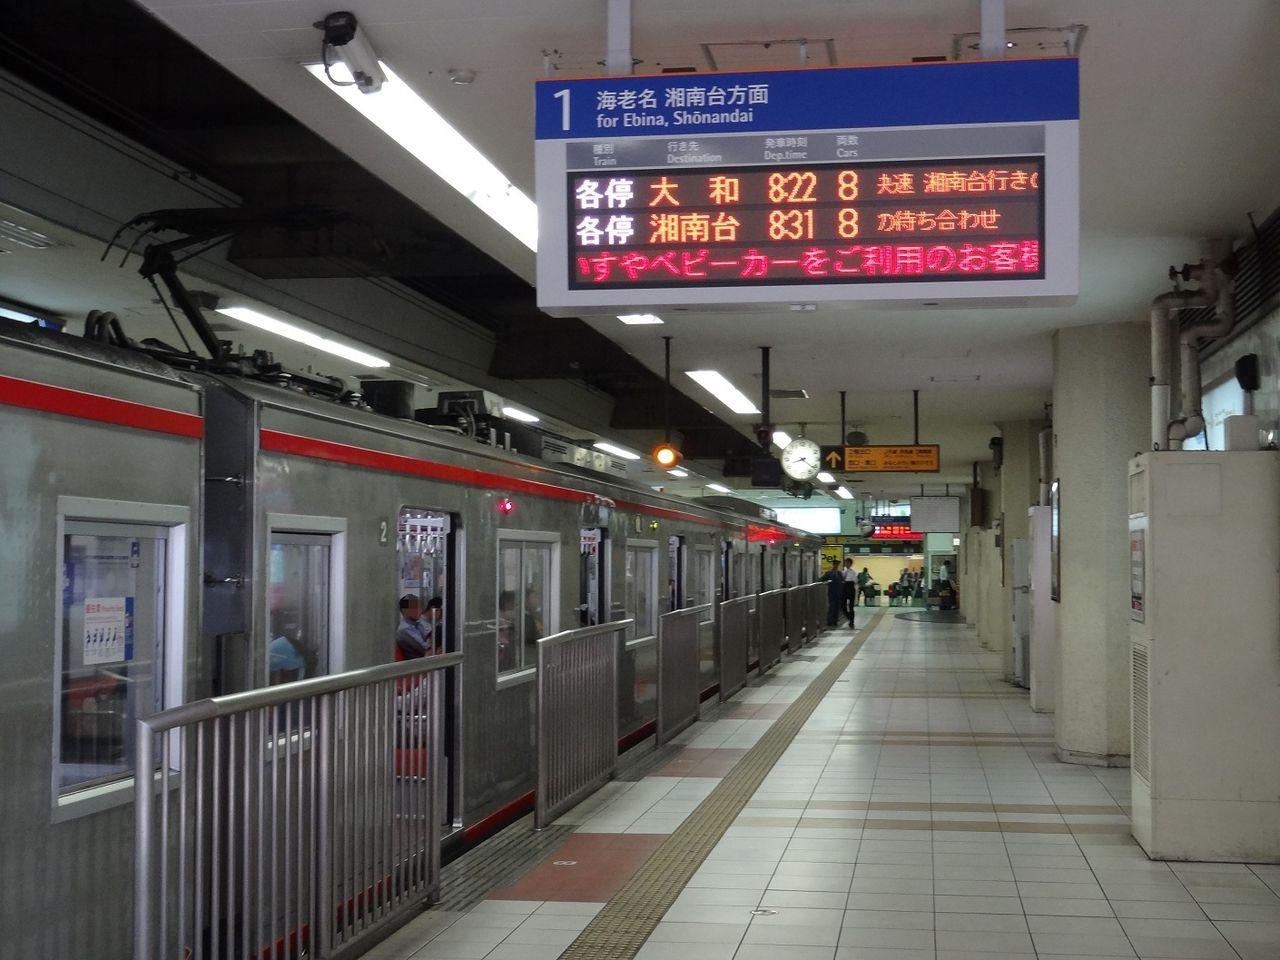 横浜 駅 相鉄 線